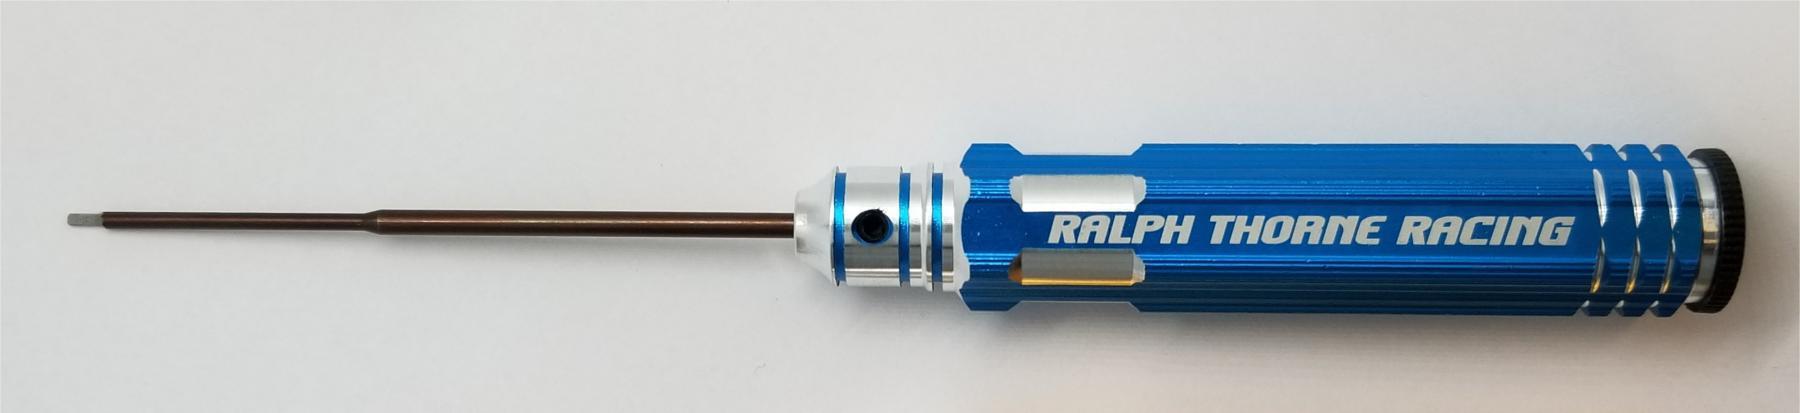 Blue Allen Wrench.jpg